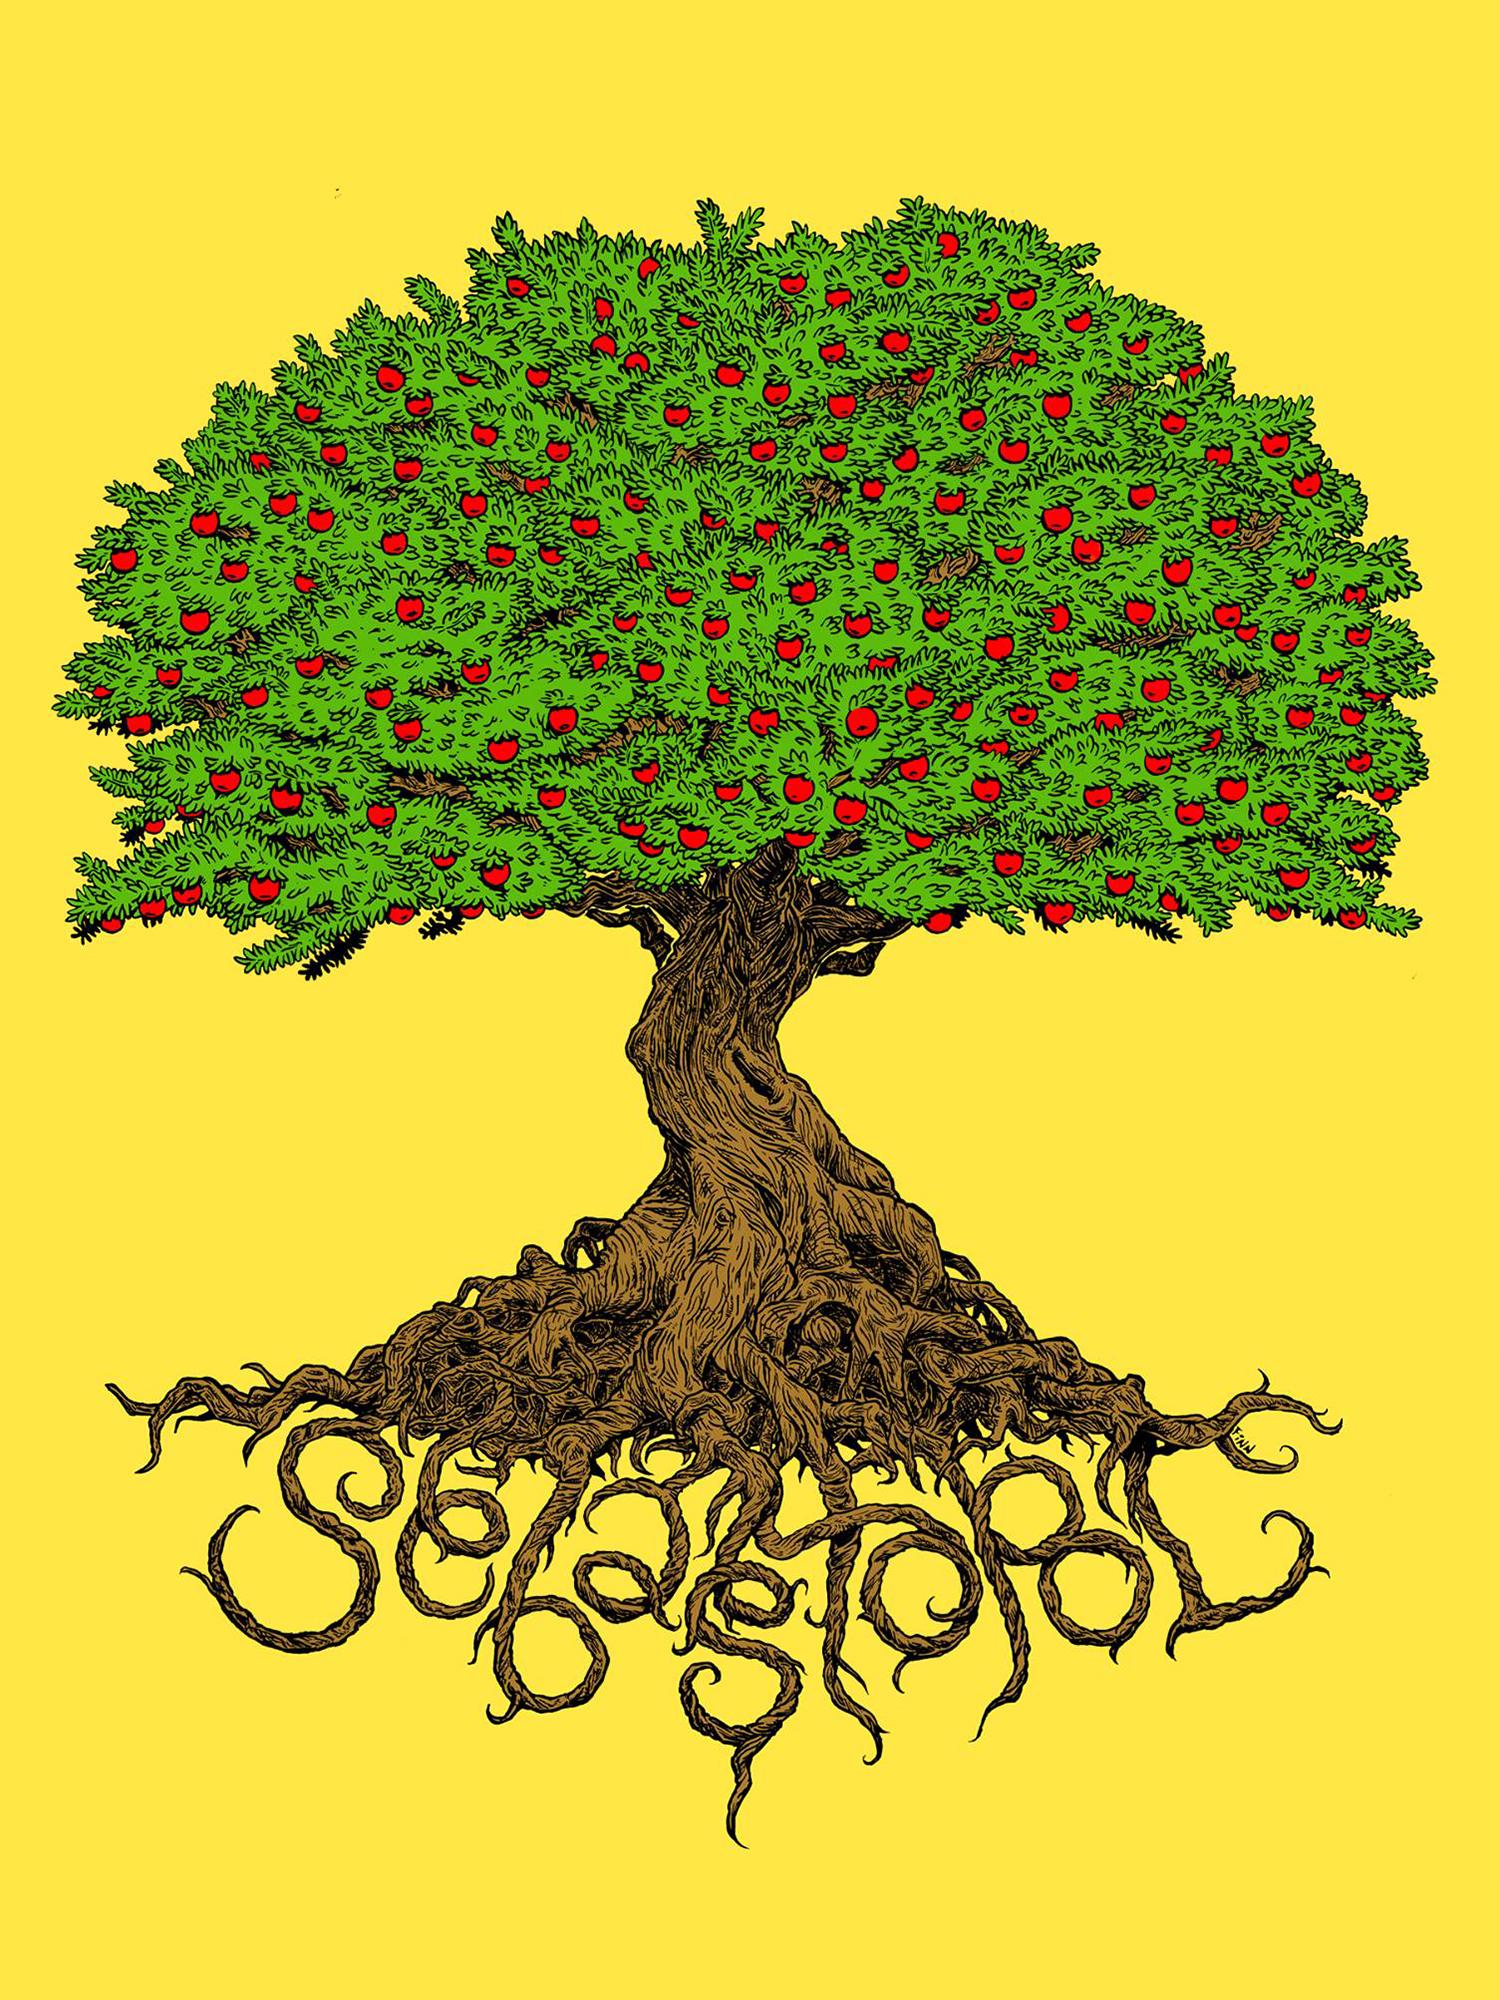 sebastopol shirt.jpg